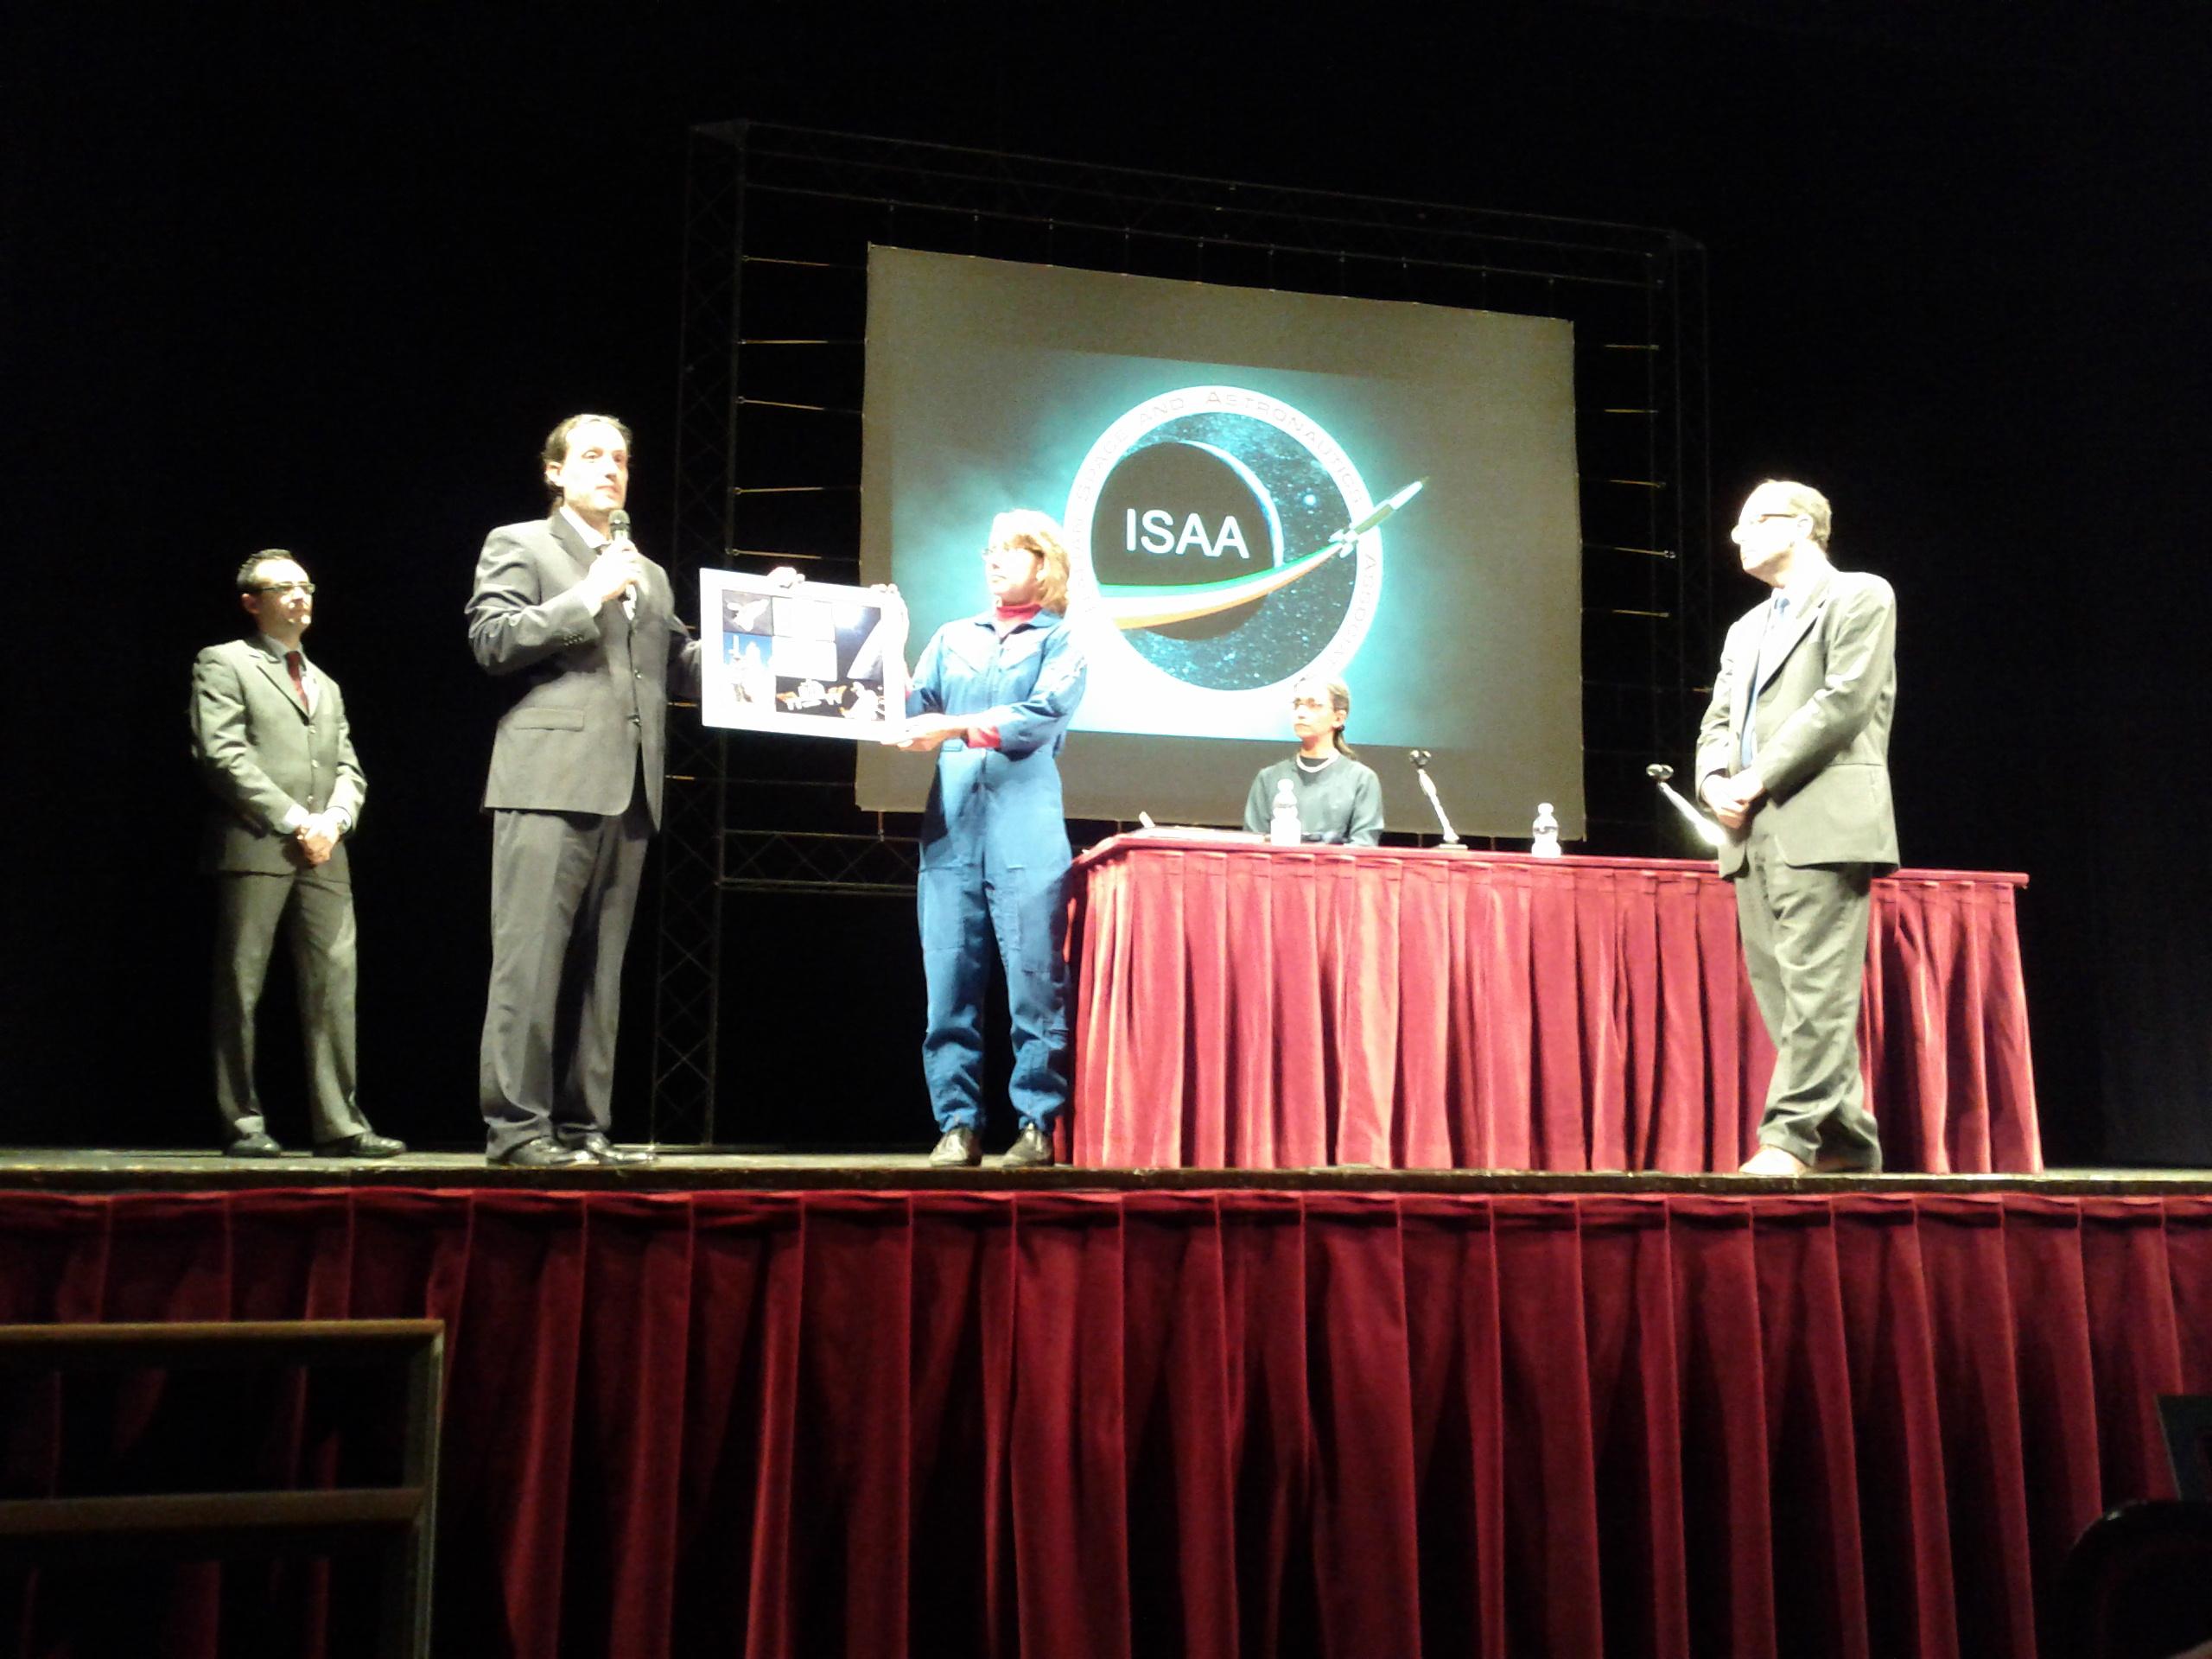 L'incontro pubblico con l'astronauta NASA Sandra Magnus